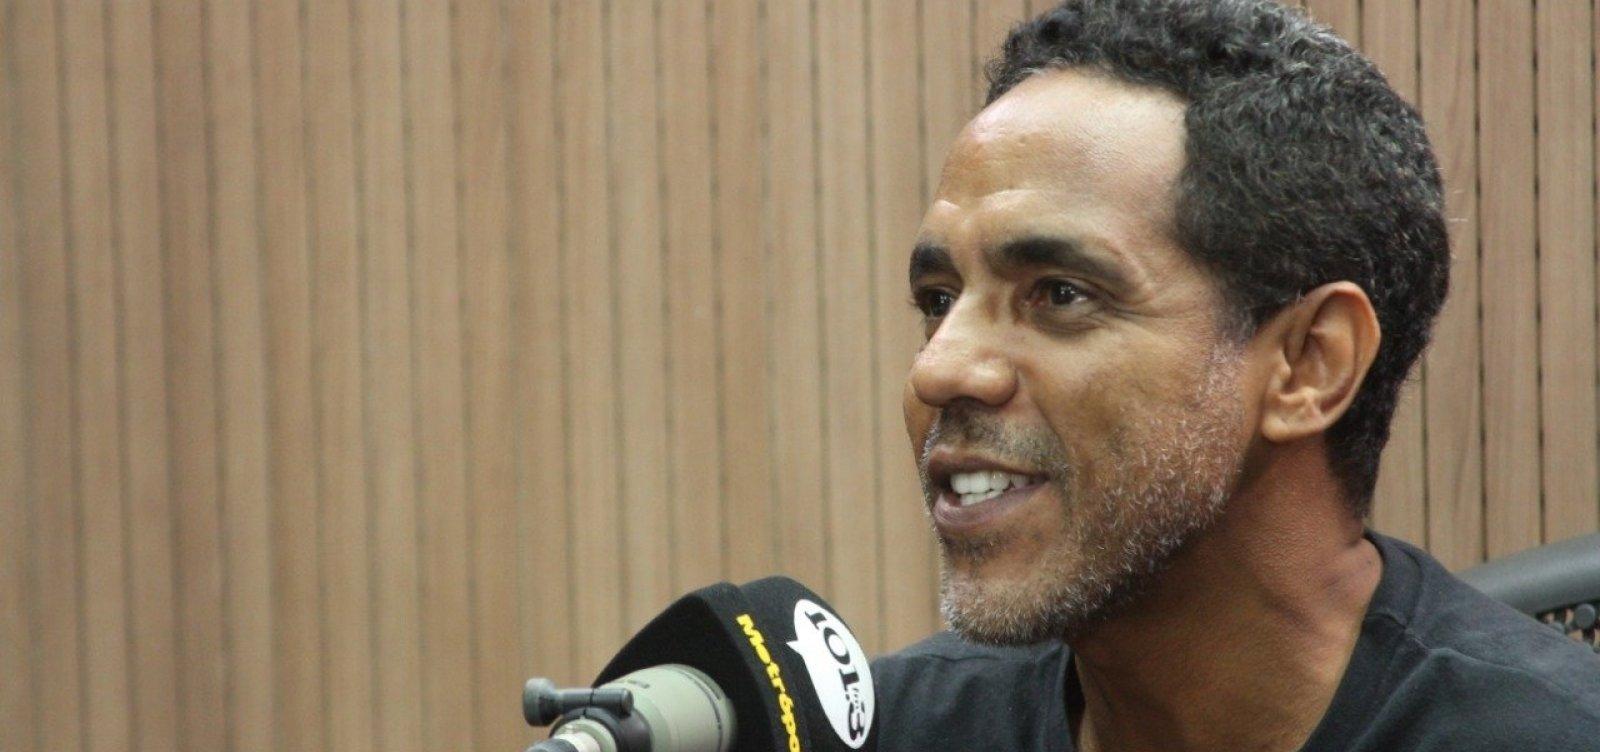 'Stand Up Comedy, para mim, não é teatro', critica Lelo Filho